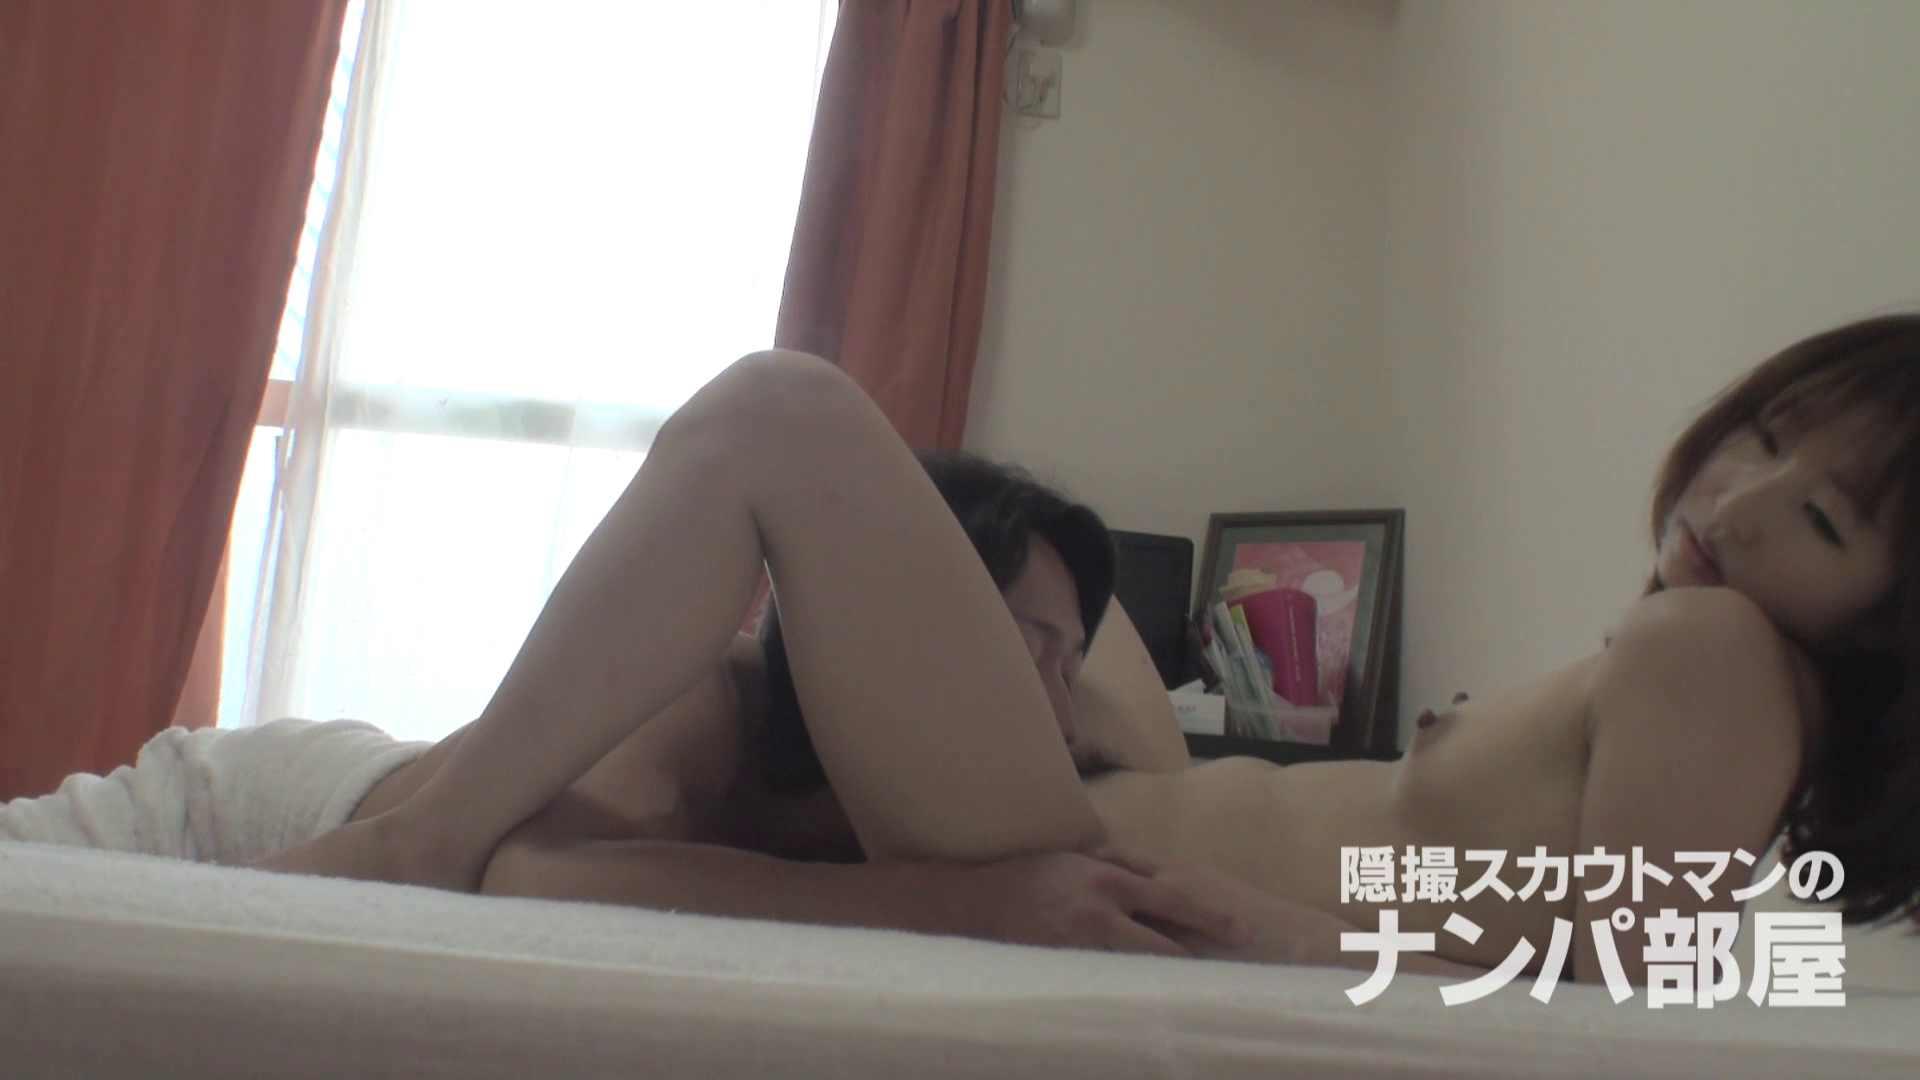 隠撮スカウトマンのナンパ部屋~風俗デビュー前のつまみ食い~ sii ナンパ セックス無修正動画無料 94pic 83